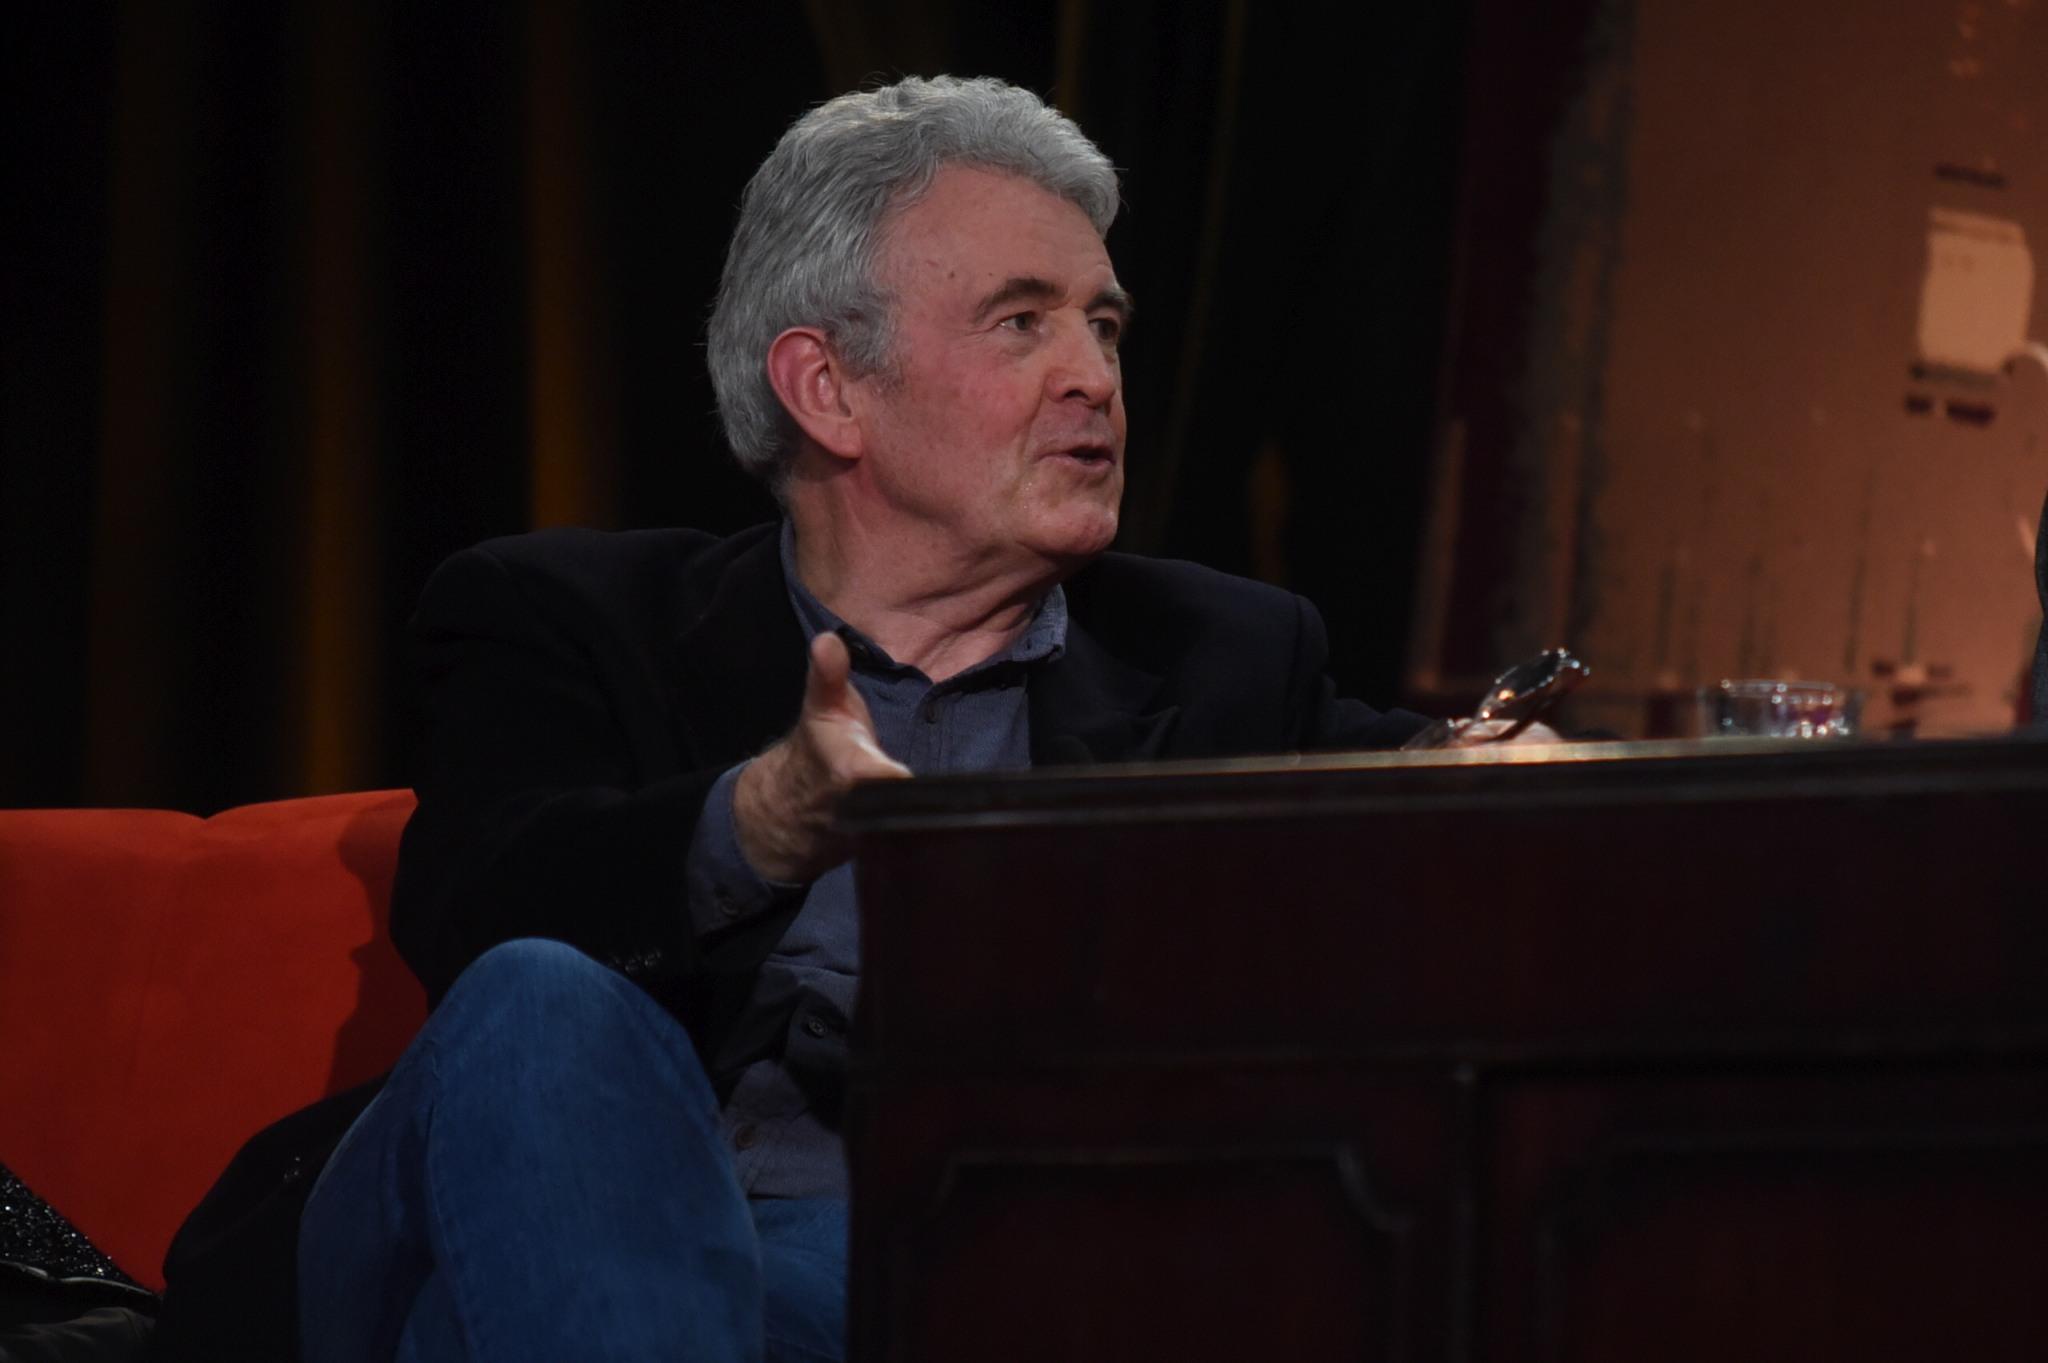 Anglický spisovatel Simon Mawer, autor románu Skleněný pokoj, v SJK 13. 3. 2019